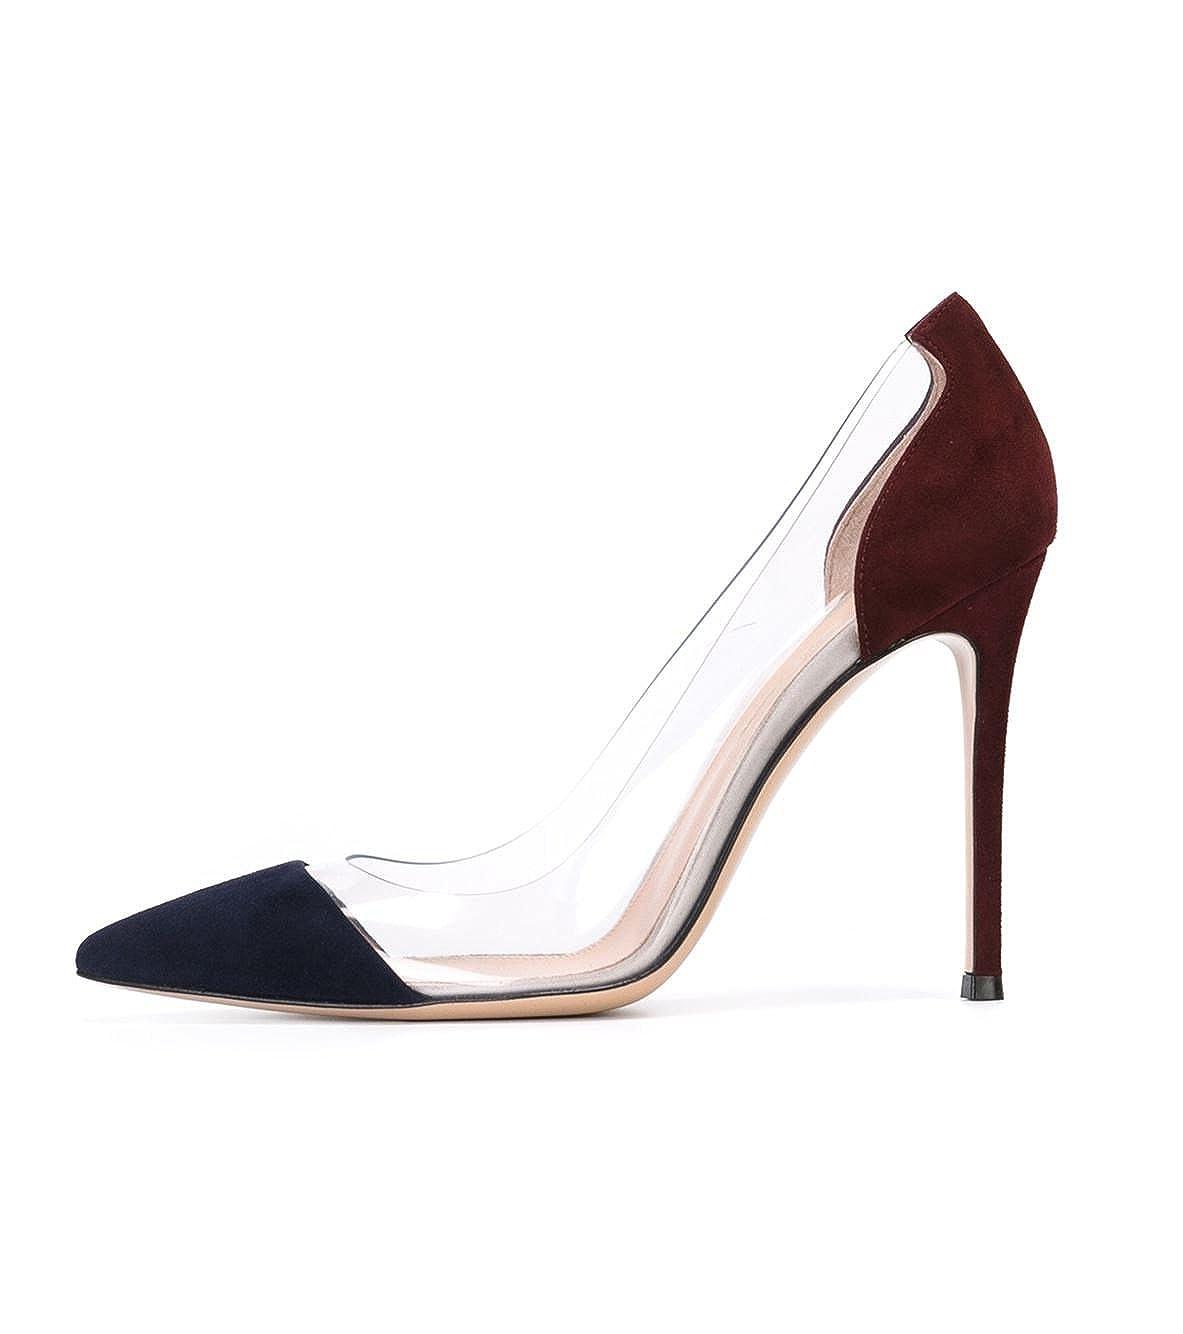 DYF Frauen nackt Scharfe feine Schuhe High High High Heel Transparent Office, 10 cm, blau + Rot, 38 - d7106c